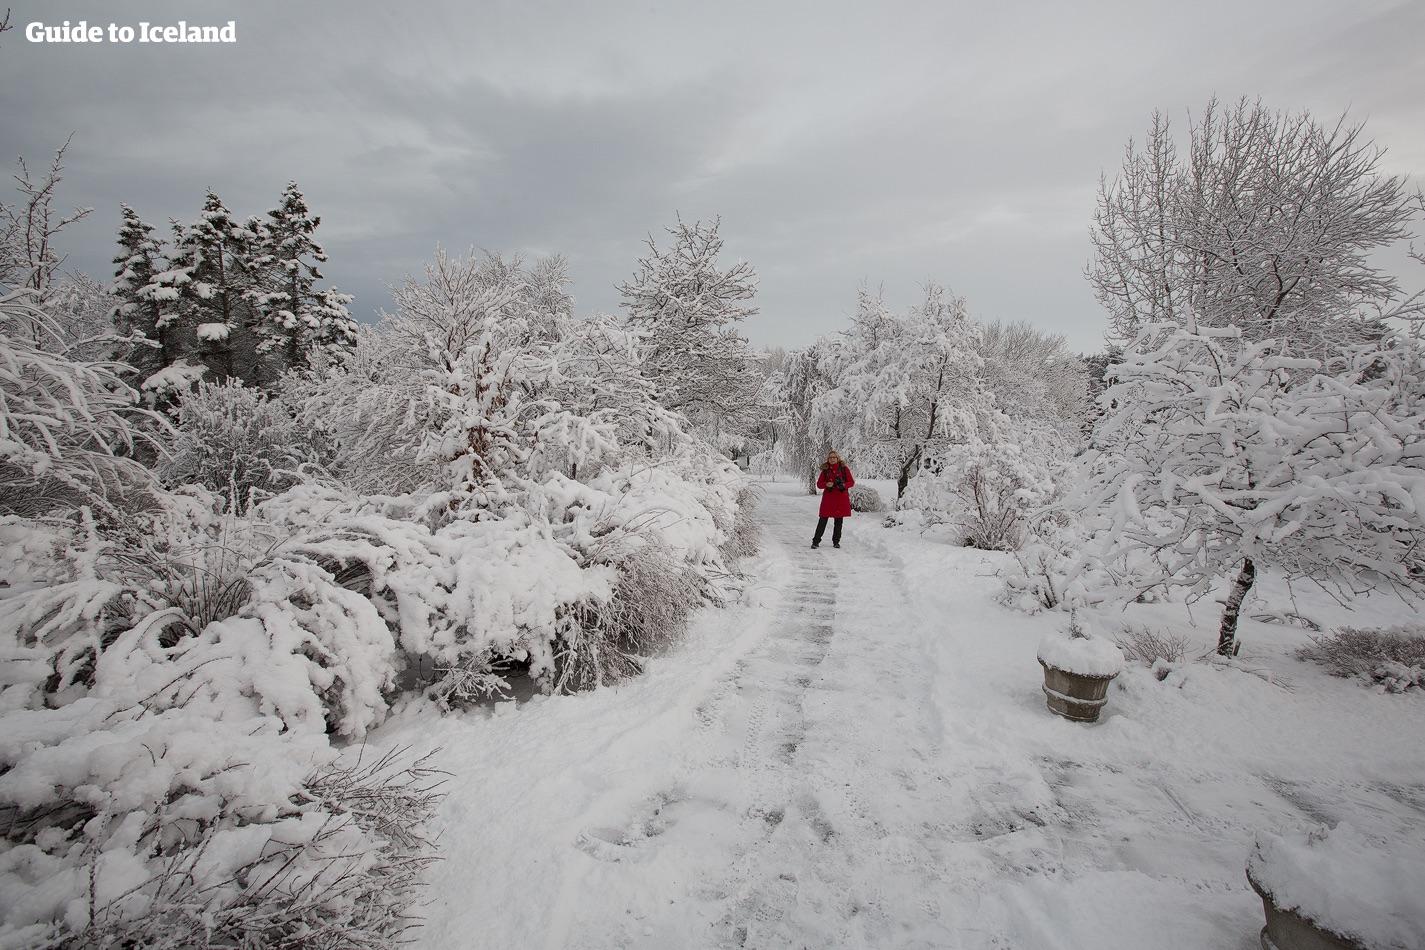 ประเทศไอซ์แลนด์กลายเป็นดินแดนมหัศจรรย์ในช่วงฤดูหนาวเมื่อถูกหิมะปกคลุม